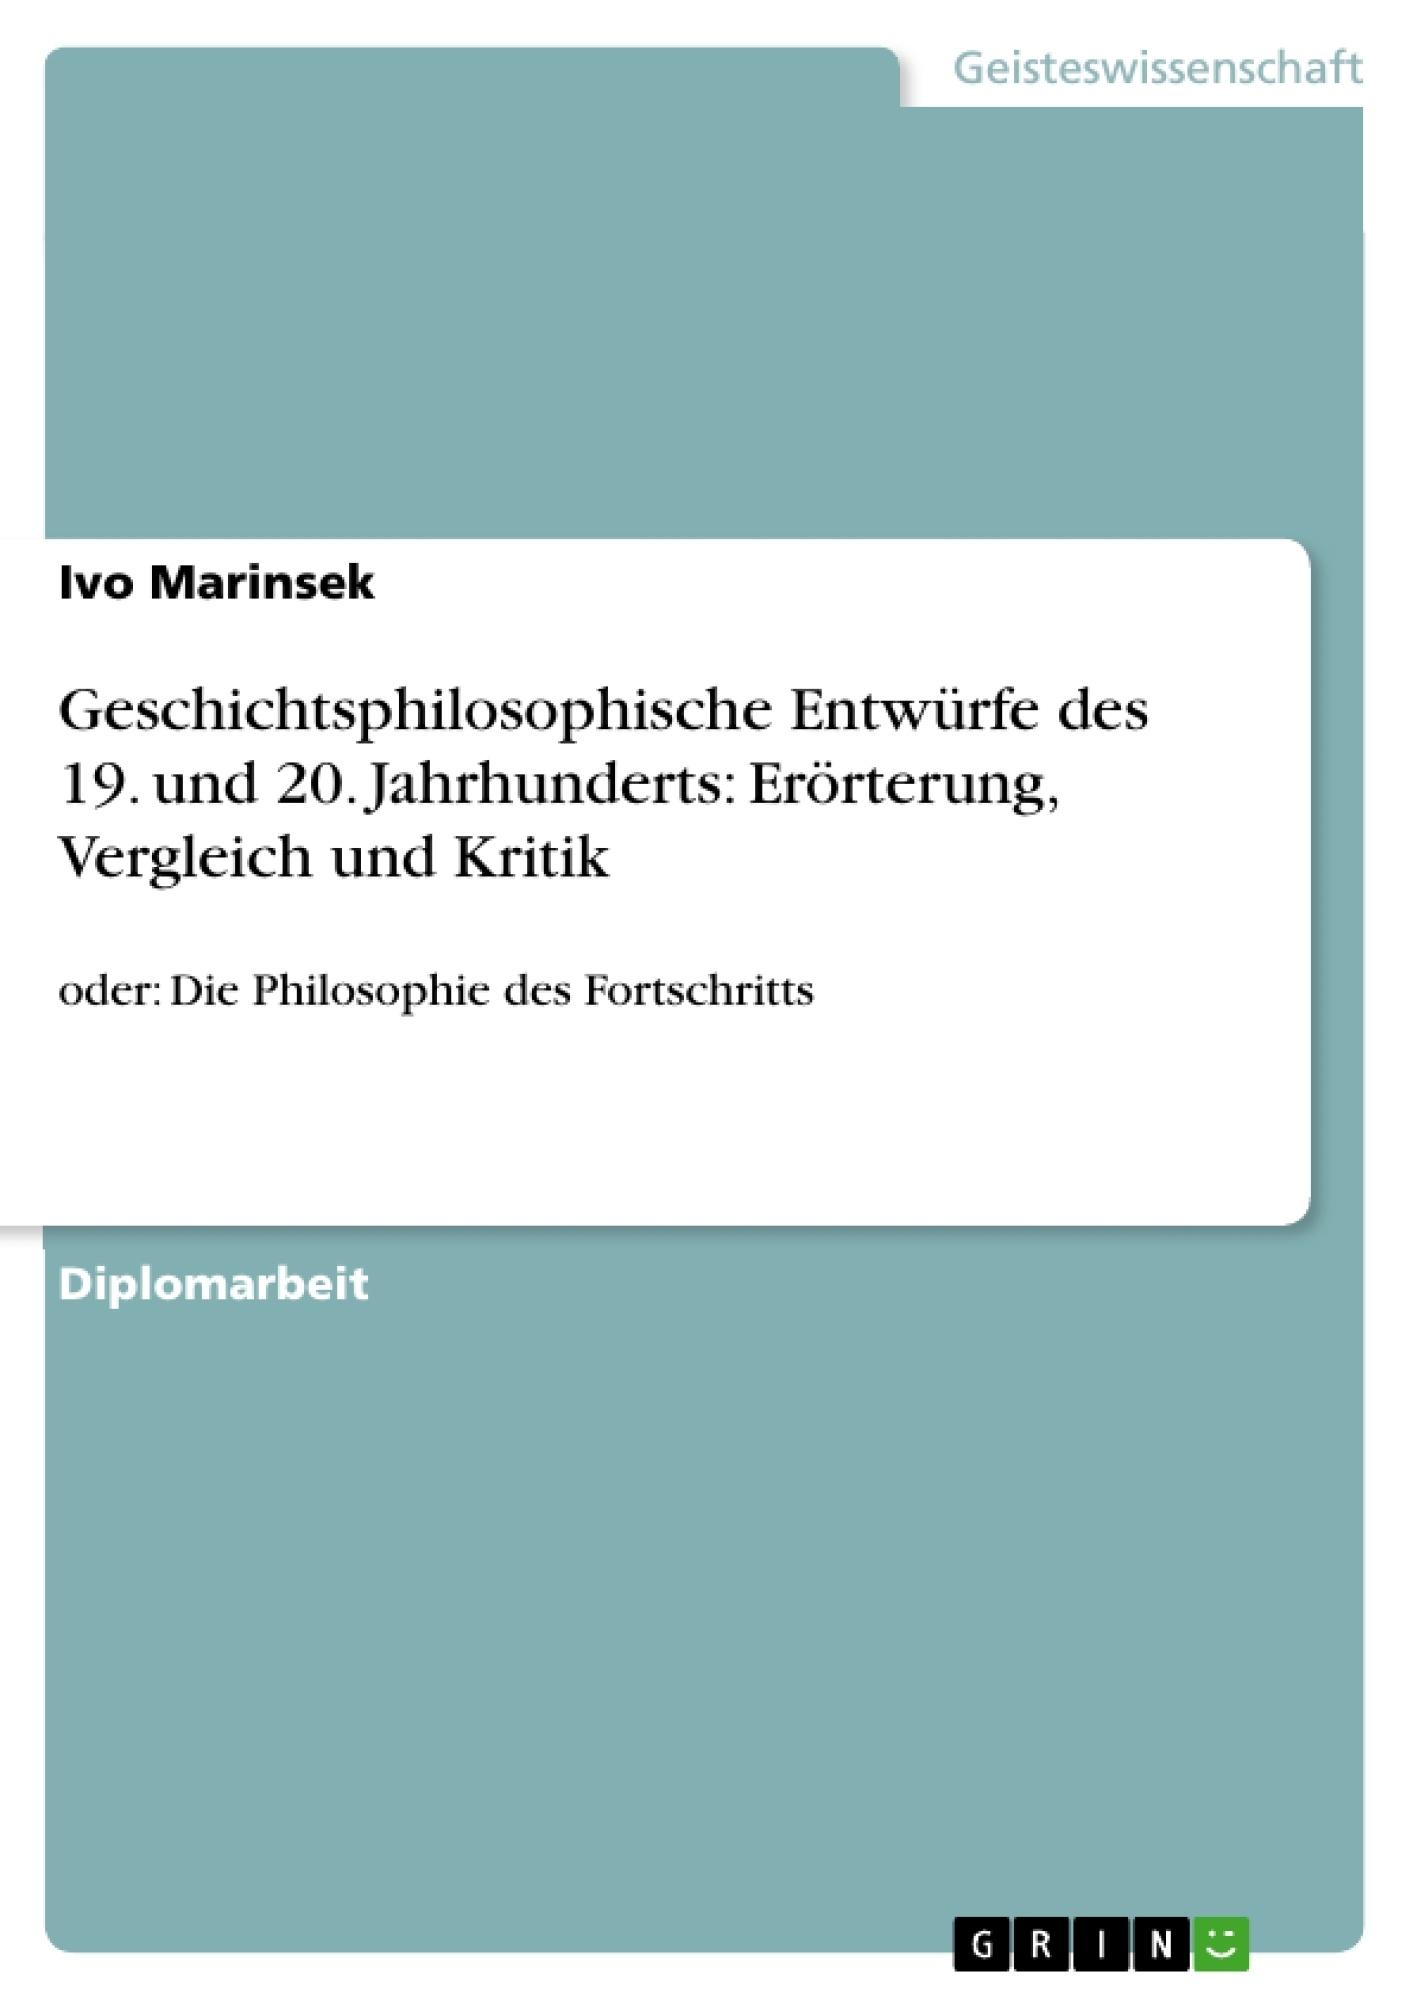 Titel: Geschichtsphilosophische Entwürfe des 19. und 20. Jahrhunderts: Erörterung, Vergleich und Kritik